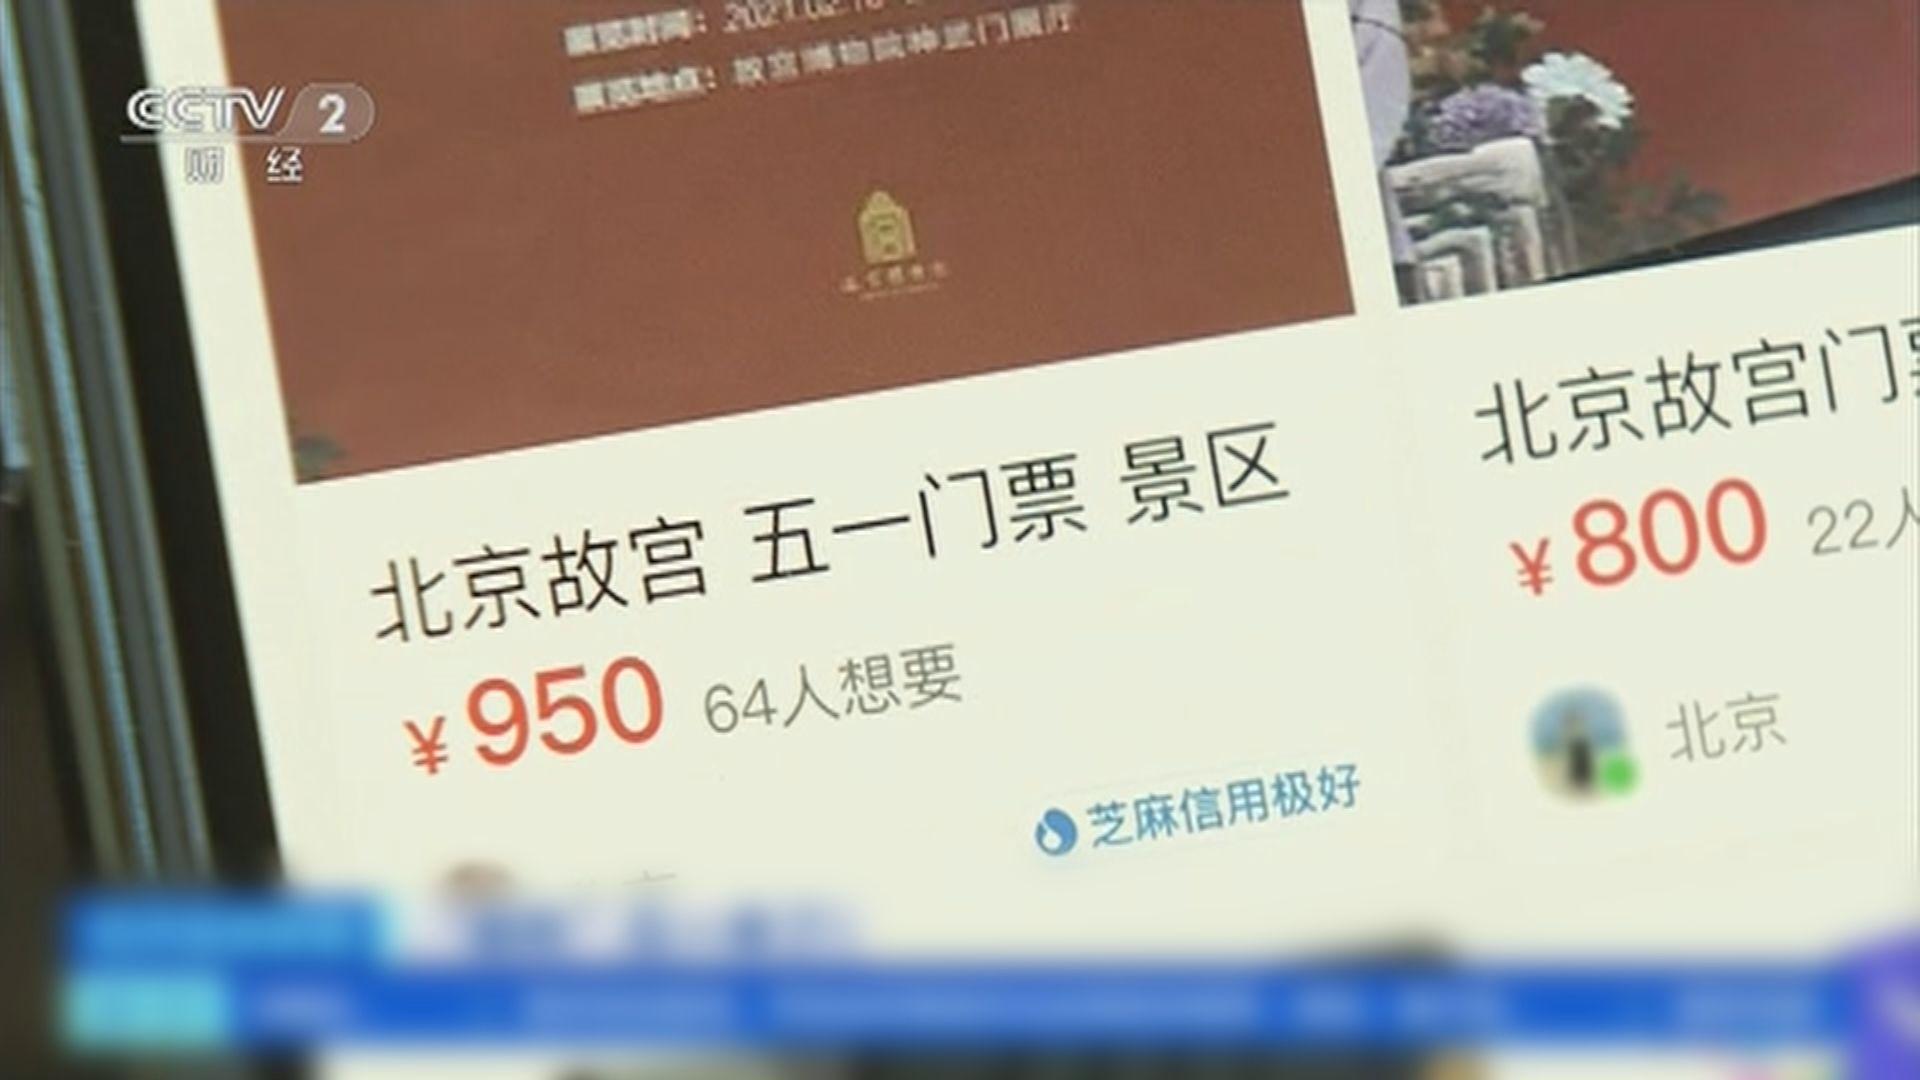 內地「五一」客流量將達2.5億人次 故宮門票遭炒賣